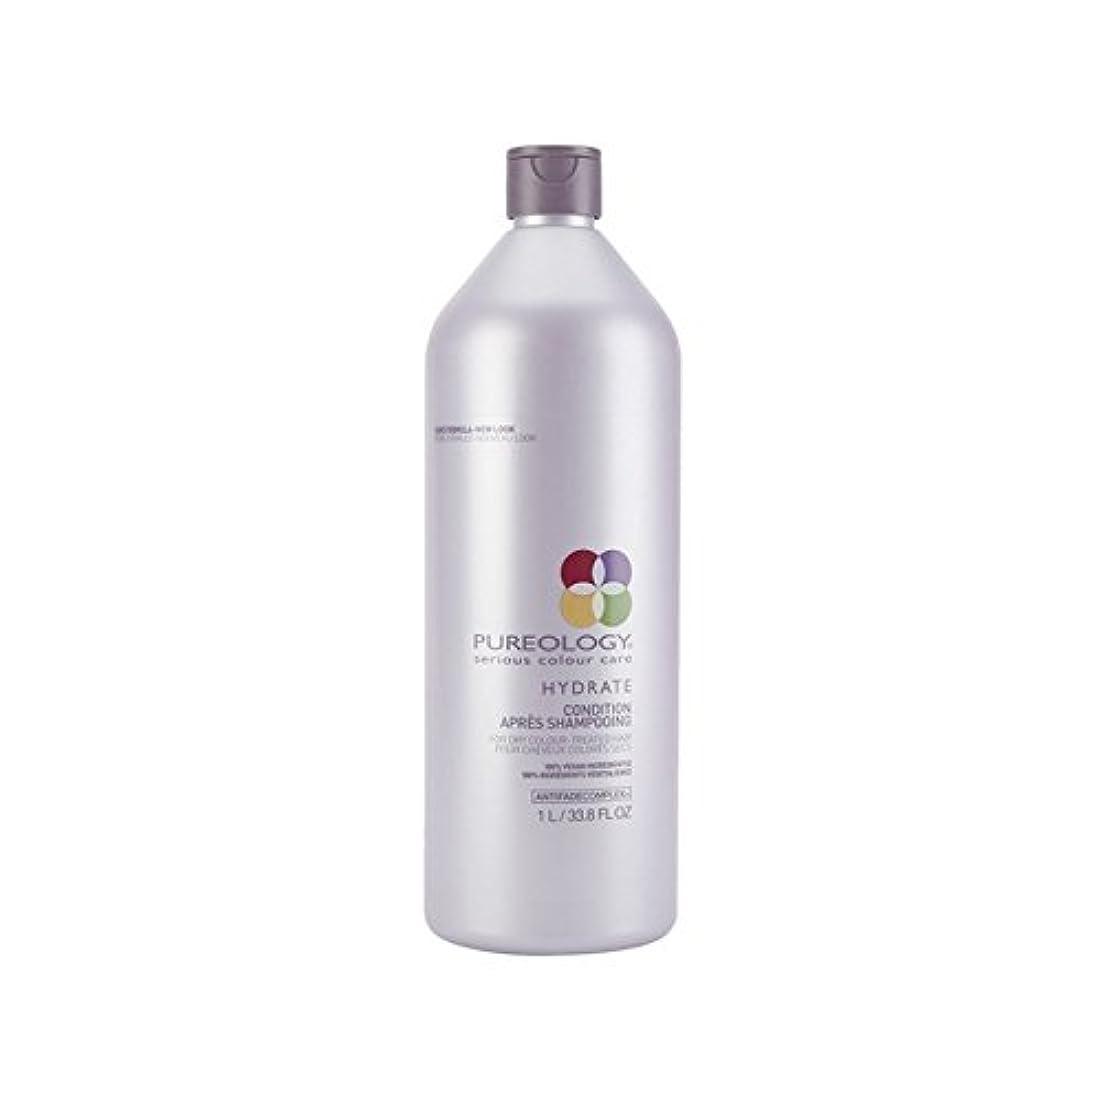 気性読書無知純粋な水和物コンディショナー(千ミリリットル) x4 - Pureology Pure Hydrate Conditioner (1000ml) (Pack of 4) [並行輸入品]